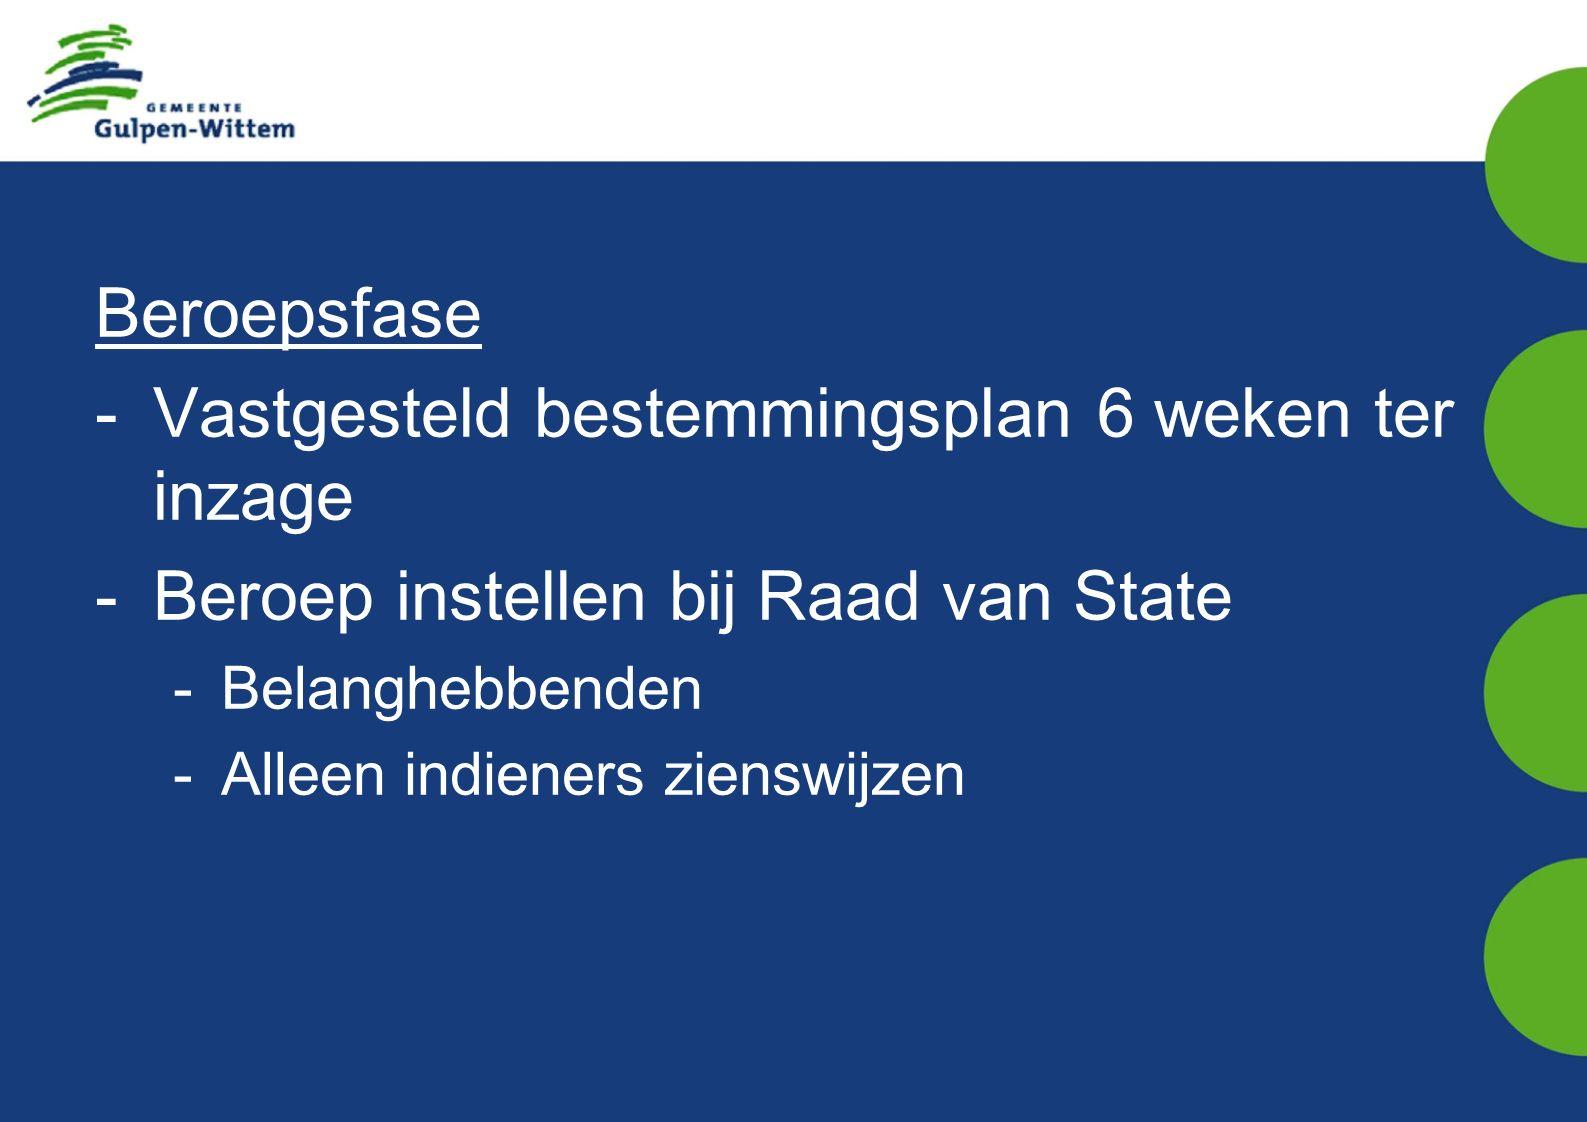 Beroepsfase -Vastgesteld bestemmingsplan 6 weken ter inzage -Beroep instellen bij Raad van State -Belanghebbenden -Alleen indieners zienswijzen